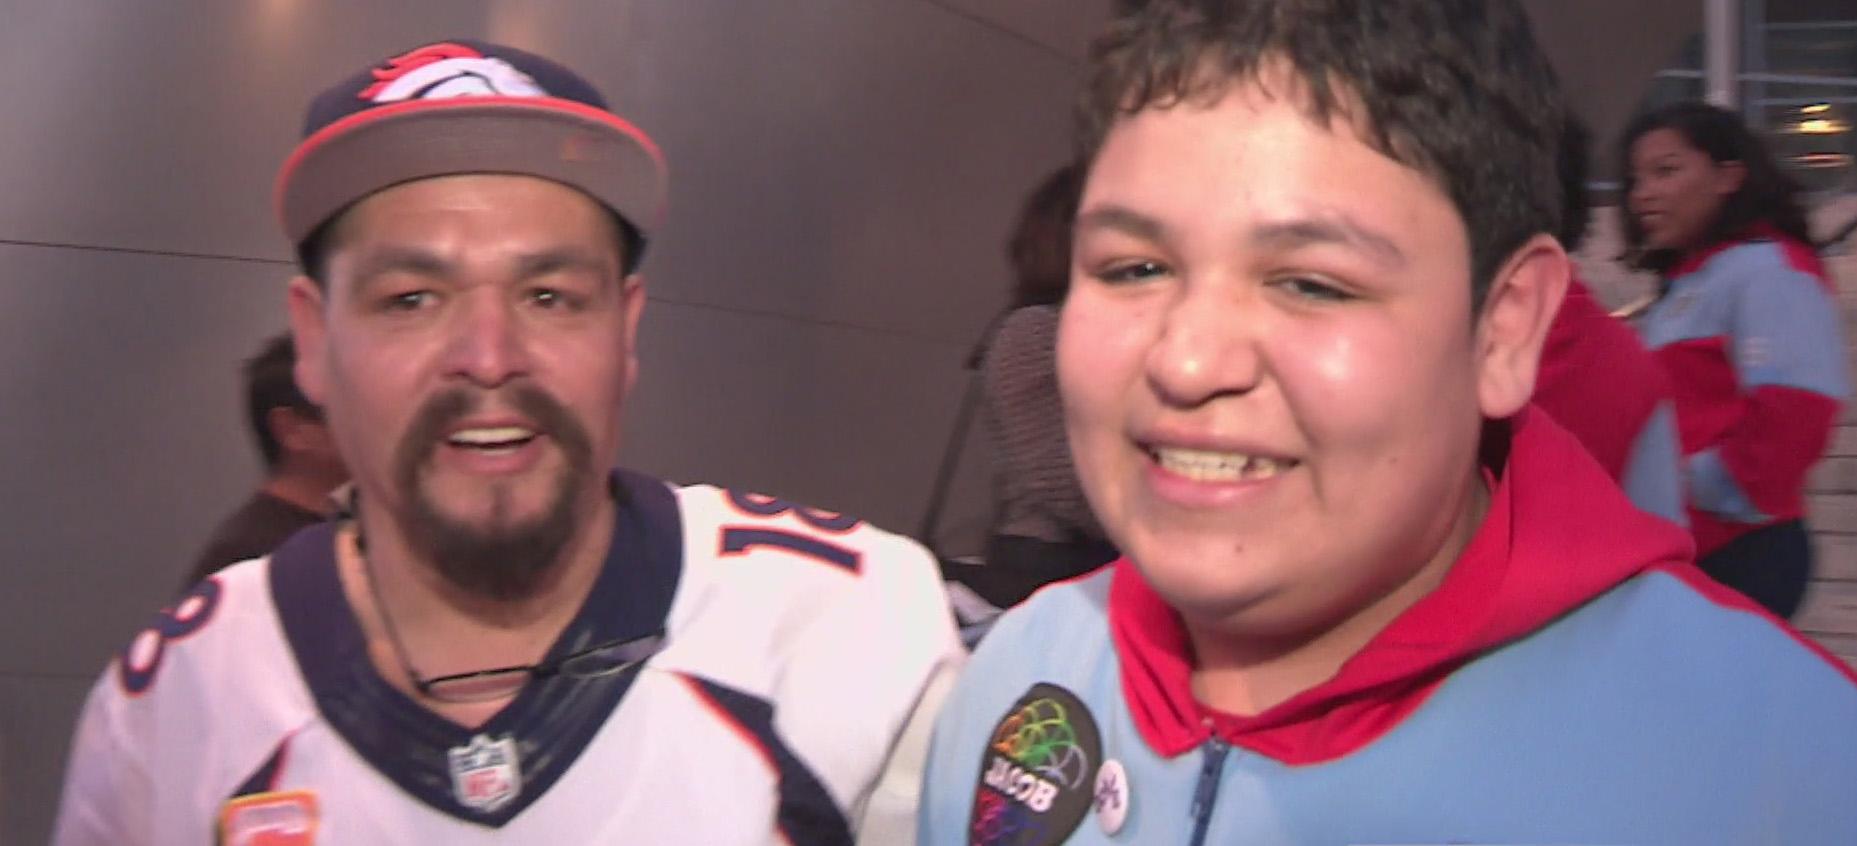 Jacob Molina, violinista de YOLA, junto a su padre Rudy Molina.